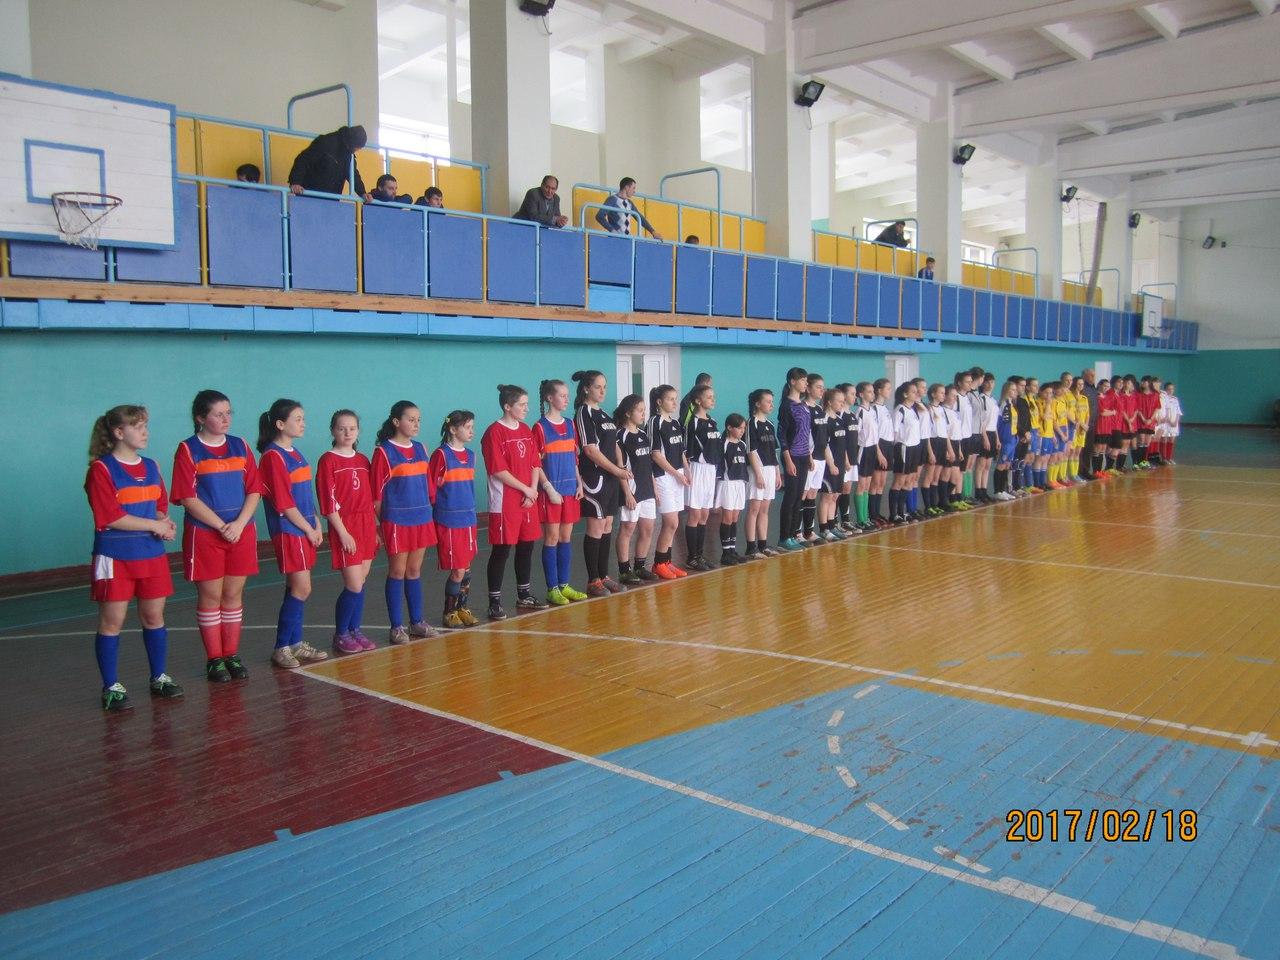 25 и 26 февраля в спортивном комплексе «Доломитчик» города Соледара пройдет заключительная фаза чемпионата области по футзалу среди женщин.